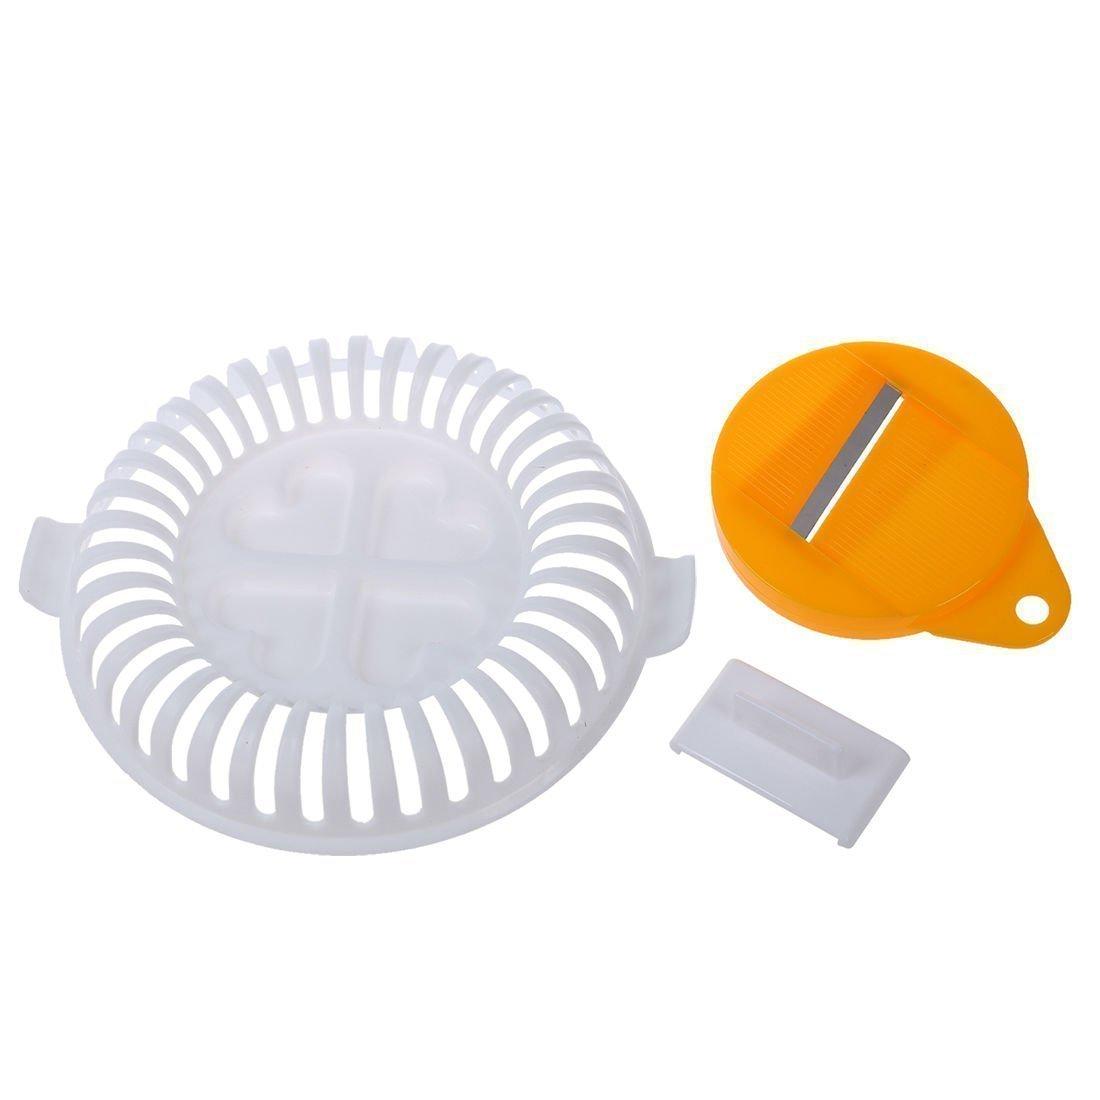 Romote plástico patata frita de bricolaje fabricante de la máquina de cortar vegtable Crujiente Microondas Nuevo